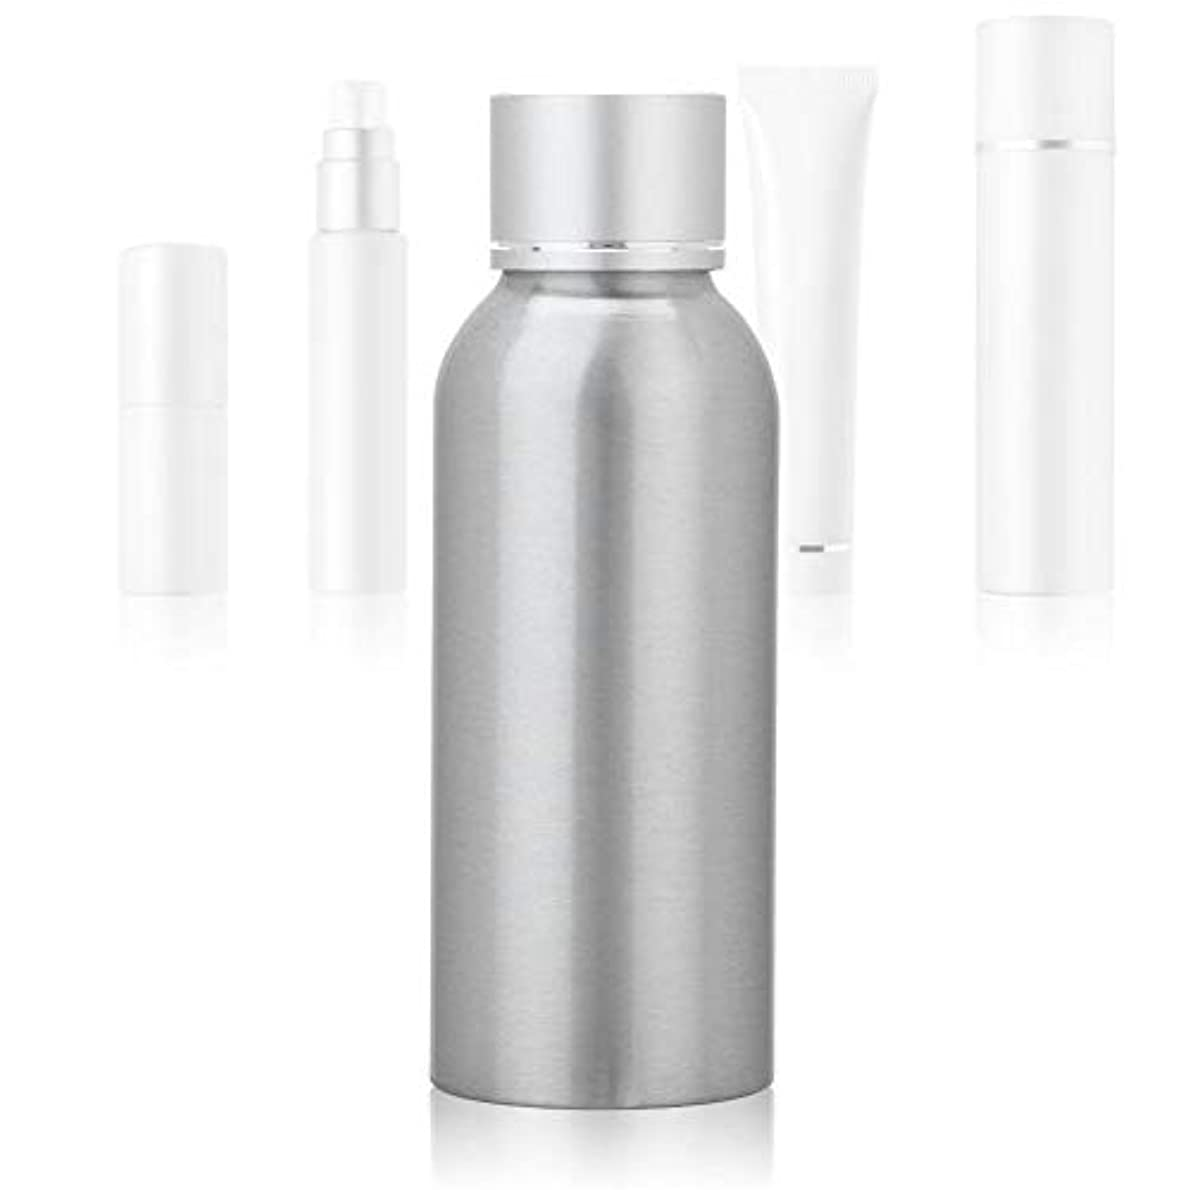 戸棚二十ディスカウント100 MLアジア銀陽極酸化アルミニウム 空の化粧品ボトル ポータブルDIY スキンケア 製品トナーコンテナーボトル